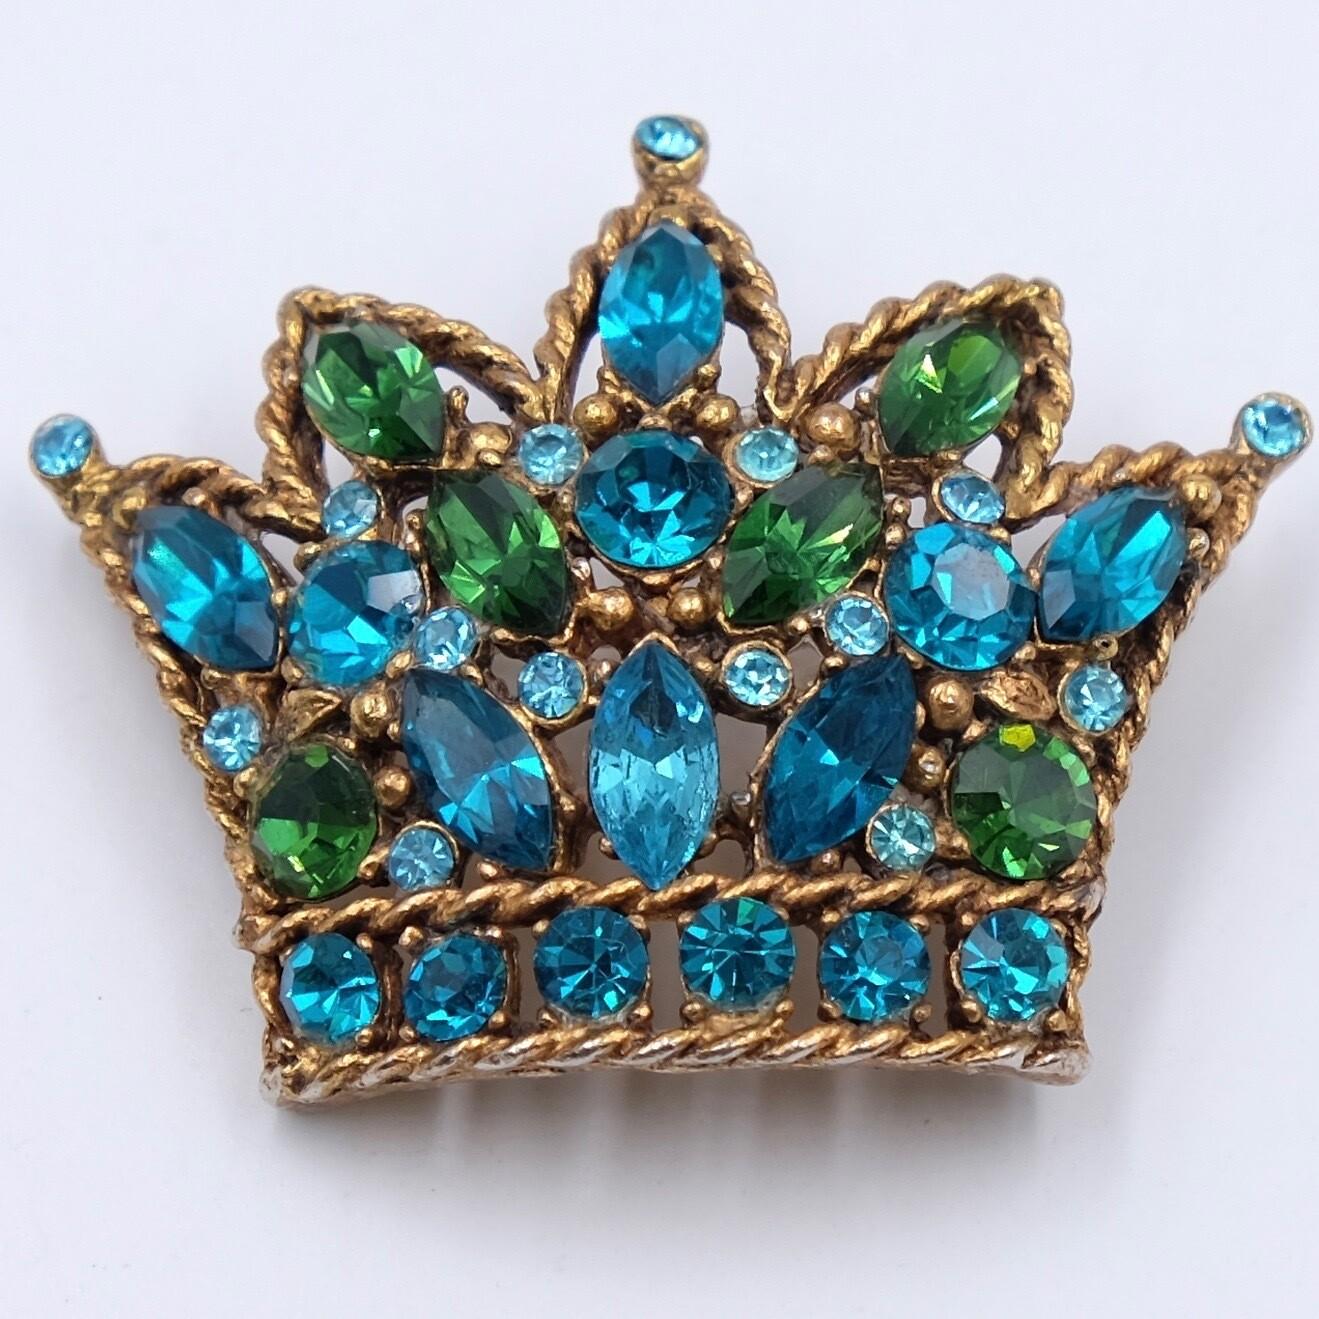 Vintage Regency Crown Brooch